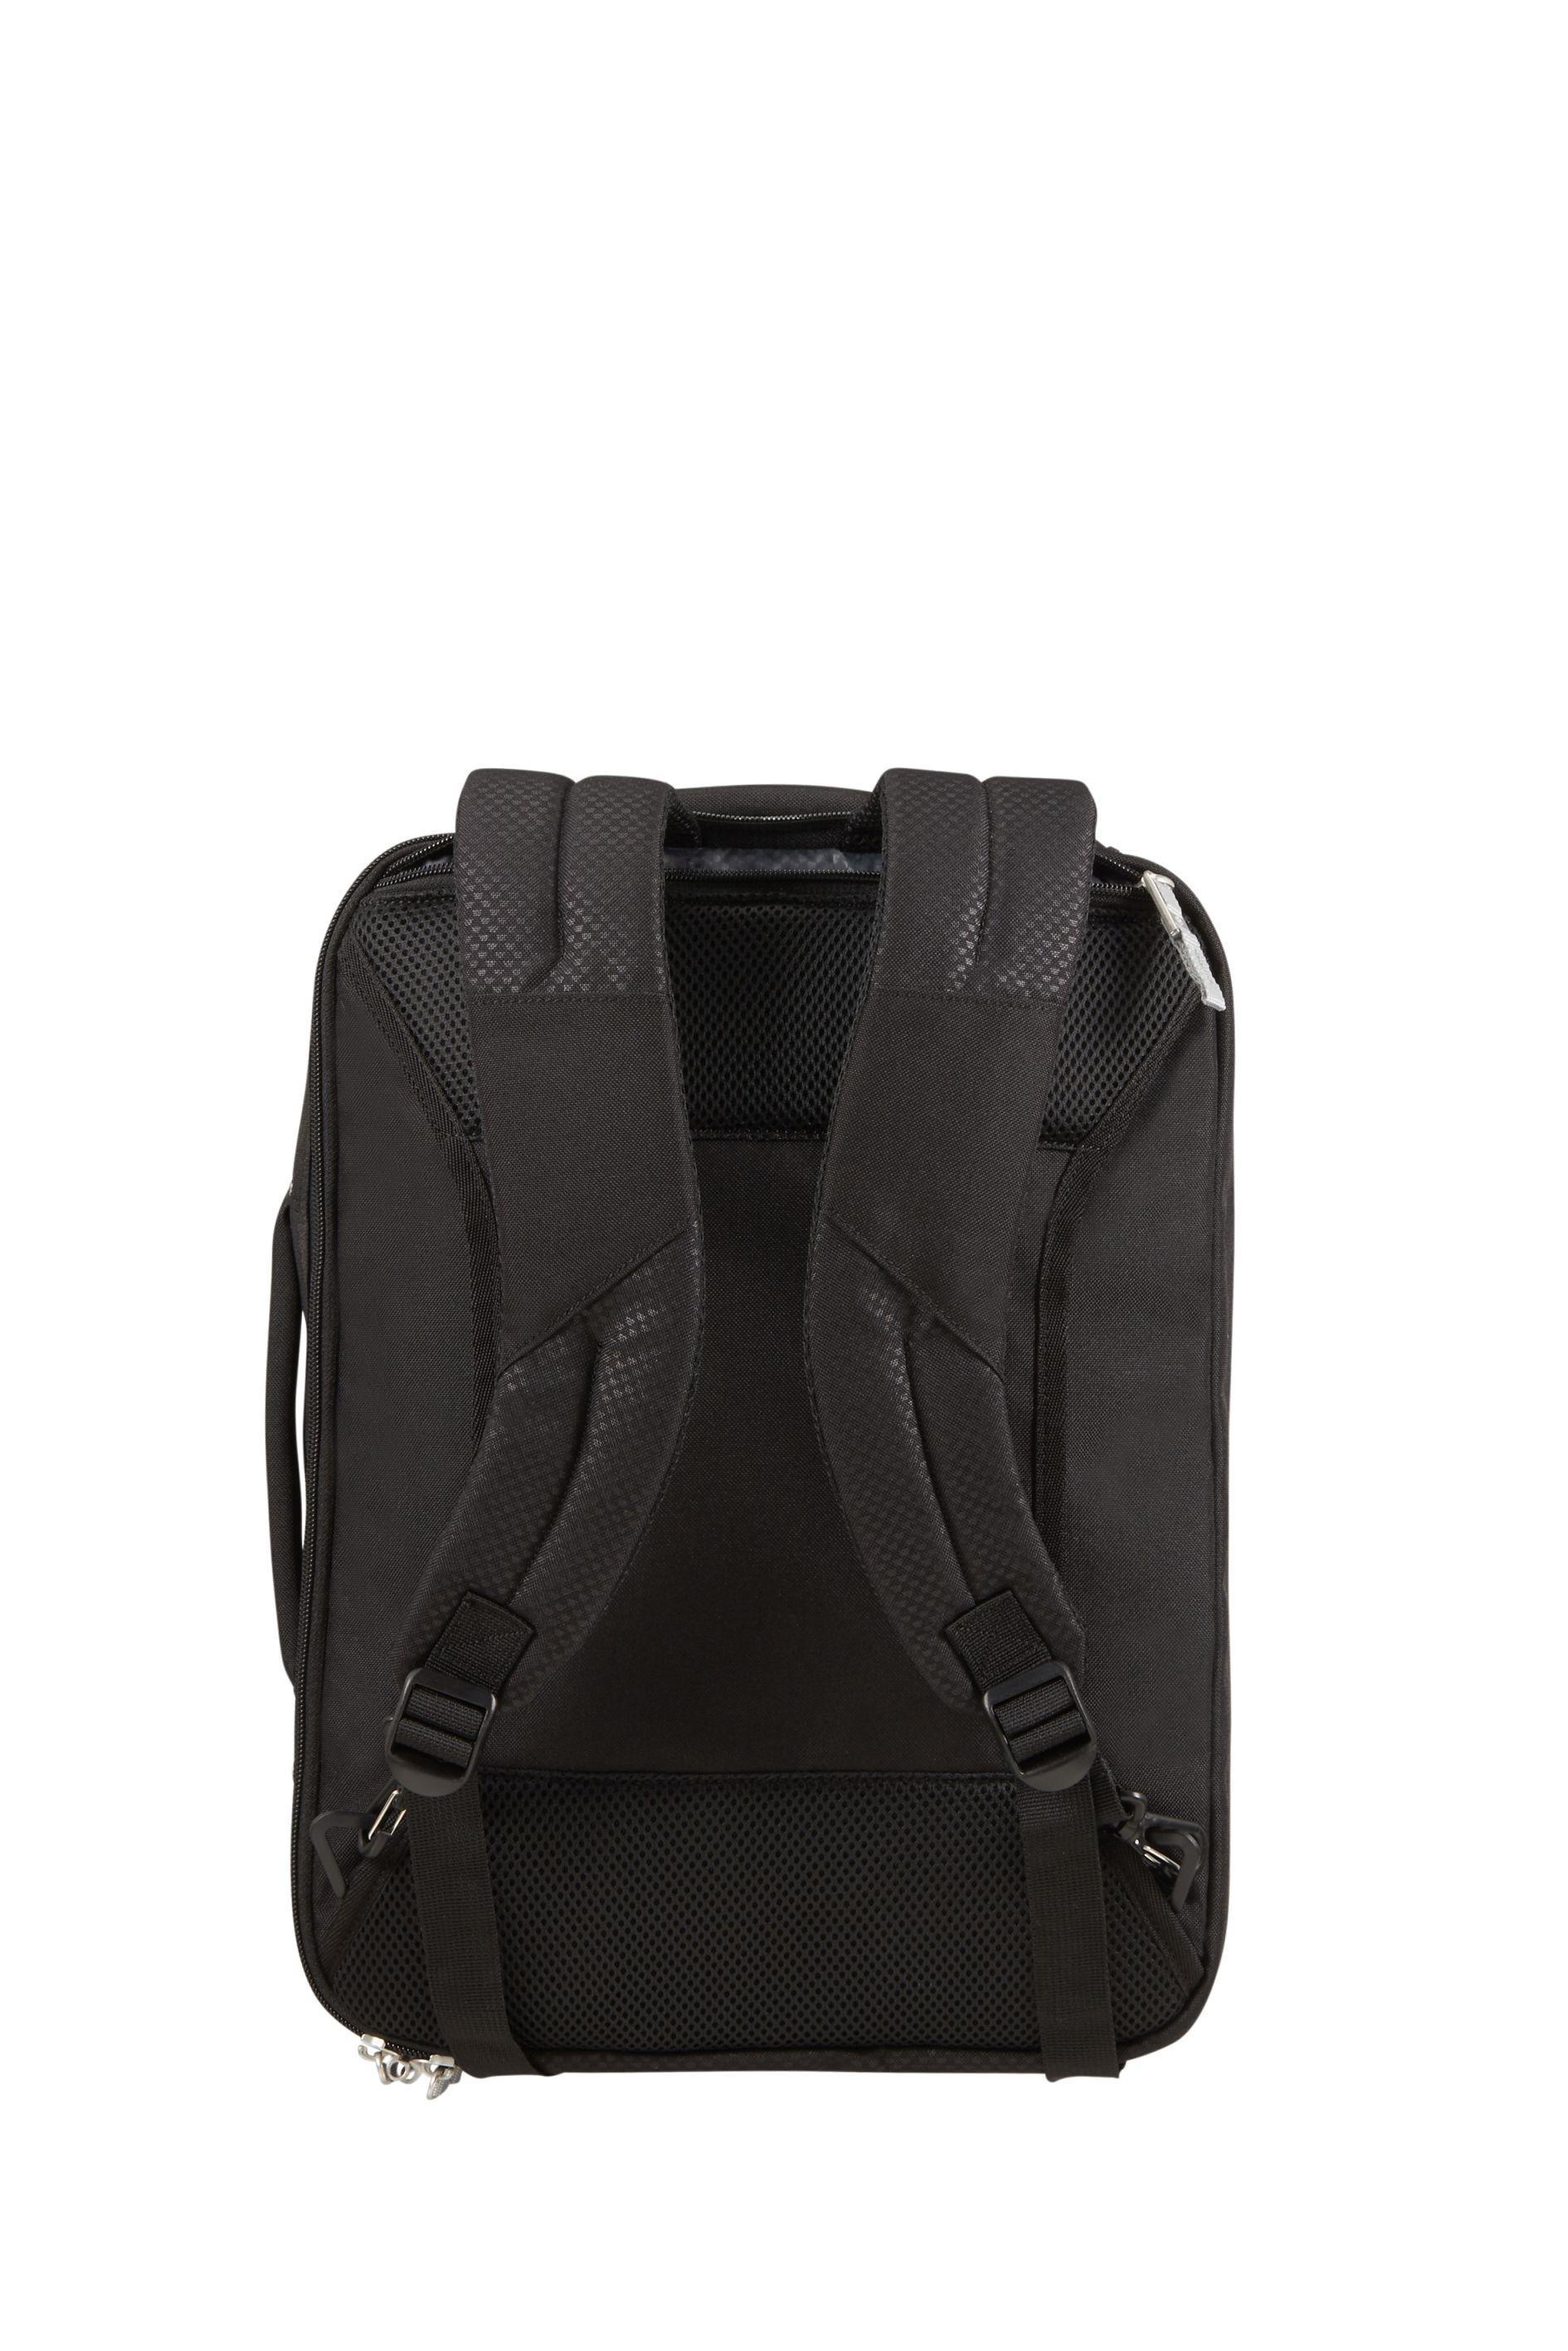 Samsonite Sonora 3-Way Shoulder Bag EXP, View 8